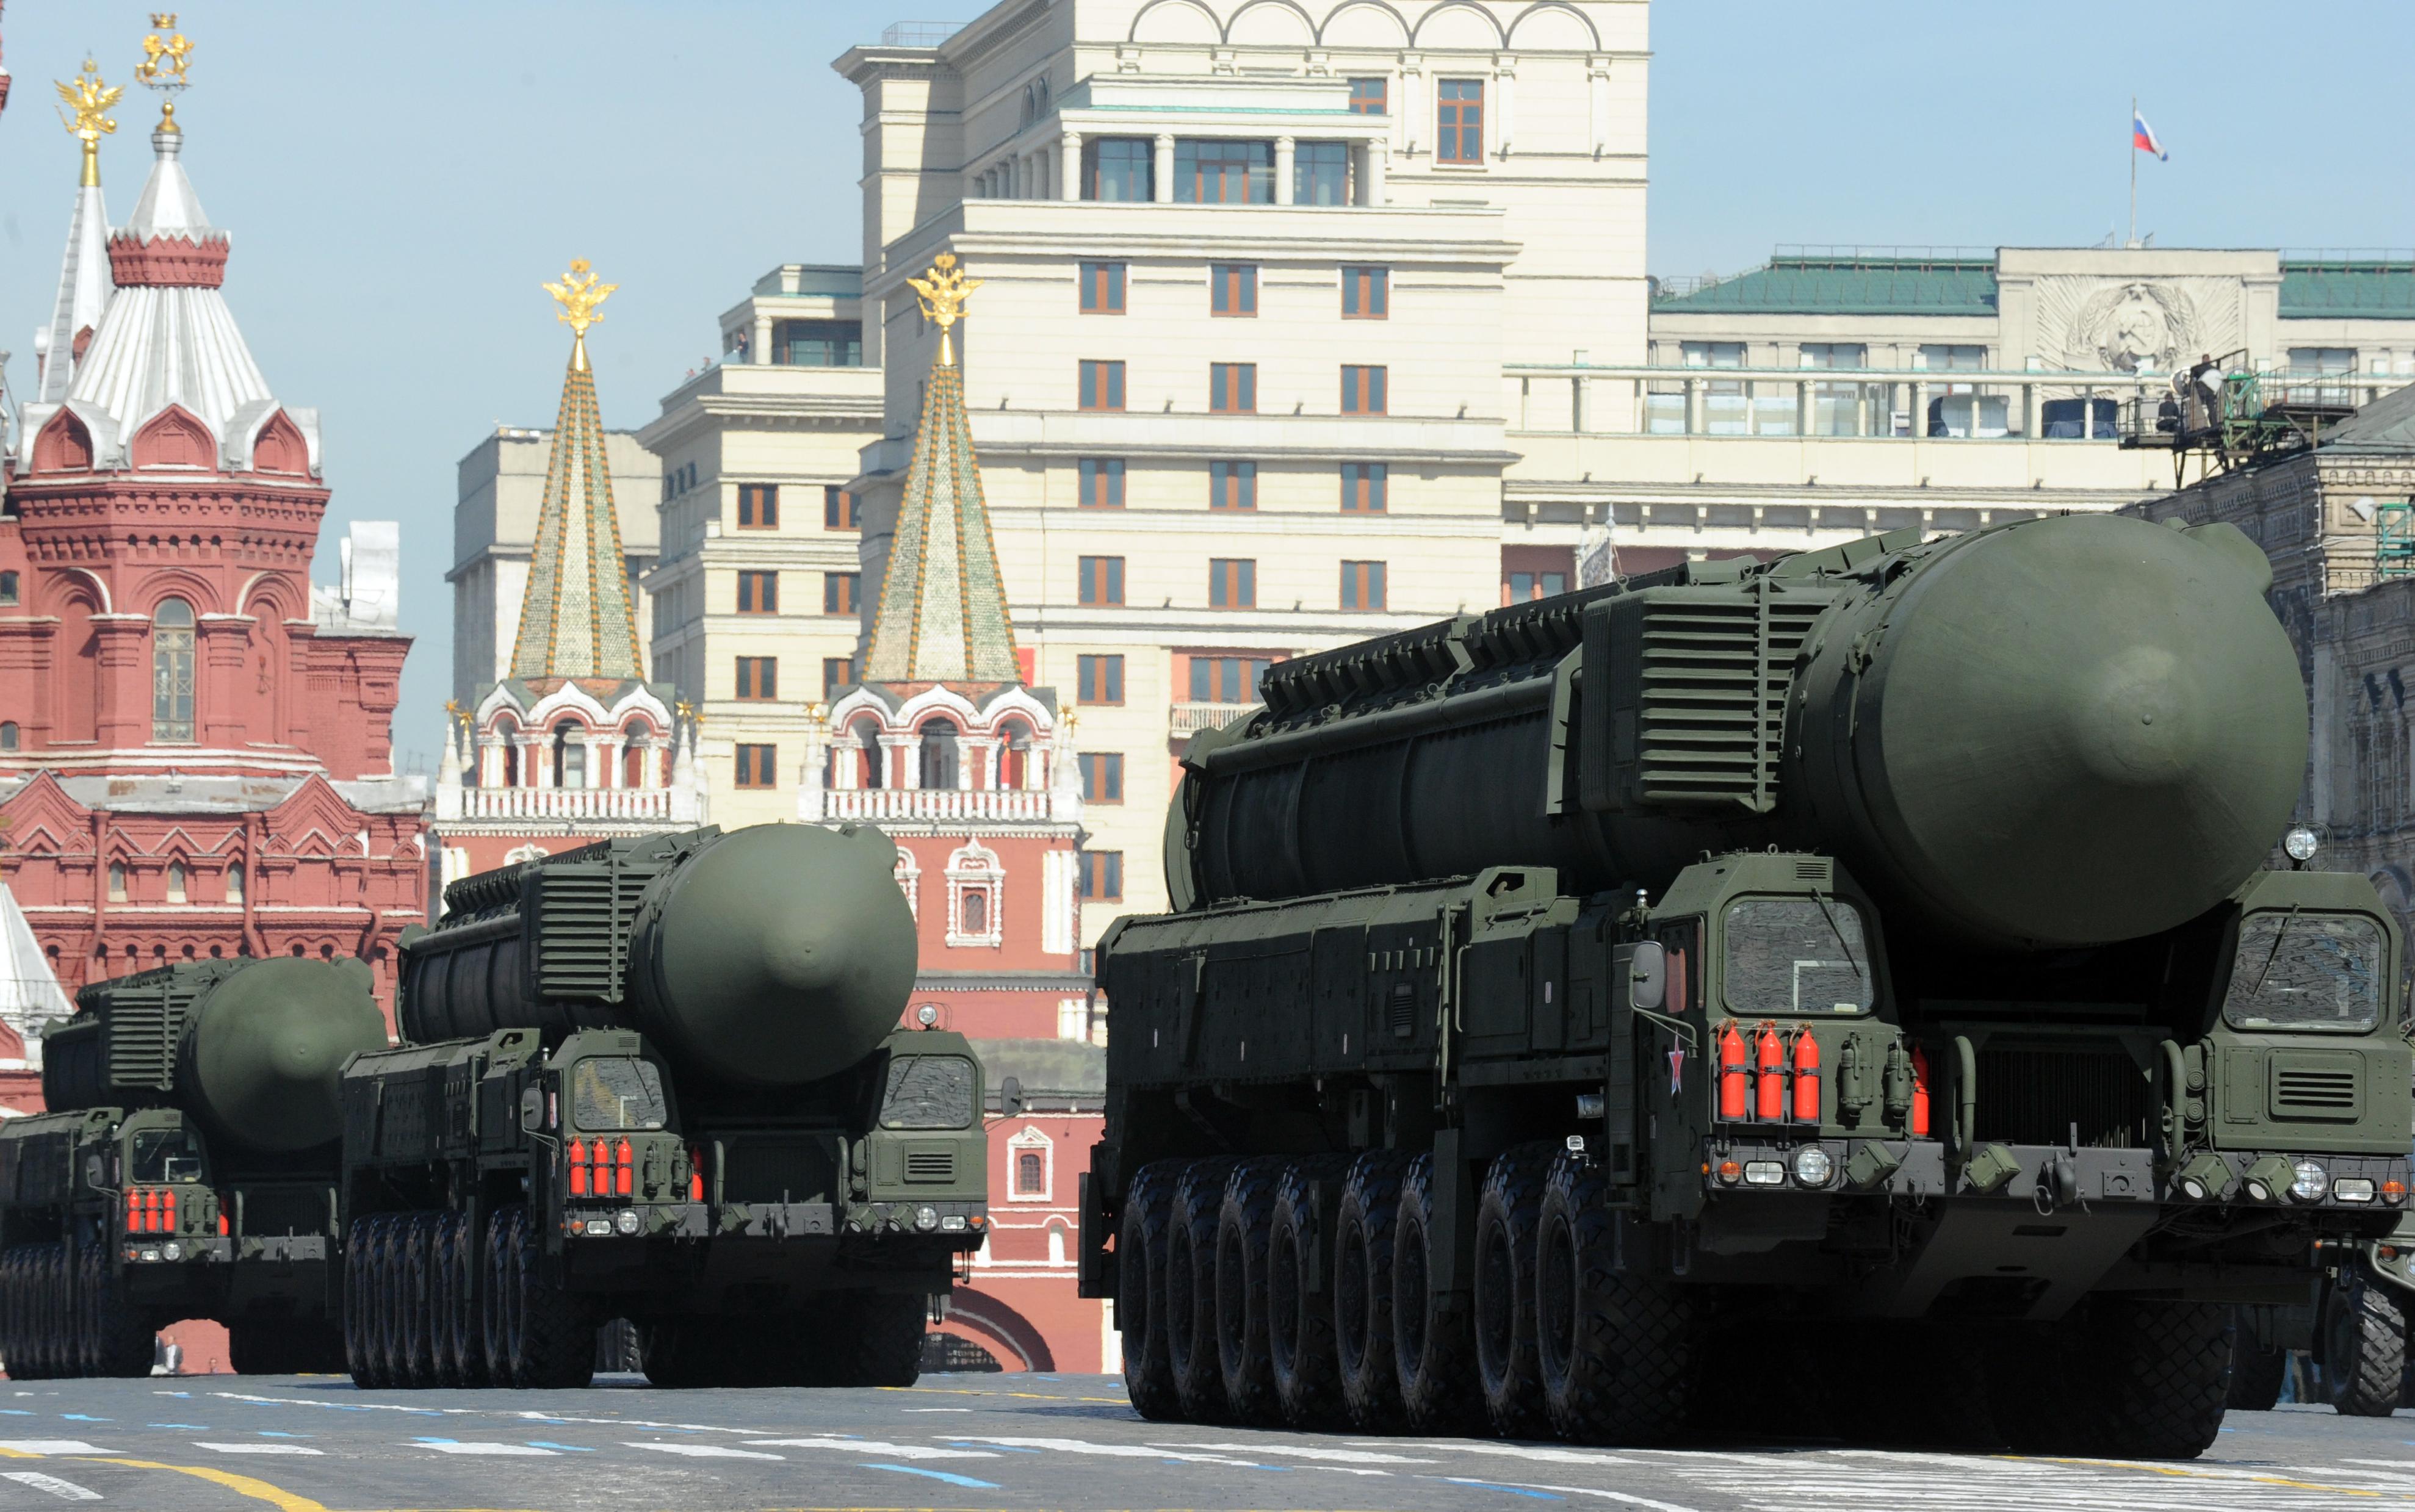 Nato-Russland Krise: Droht der Welt ein Nuklearkrieg? (+Video)